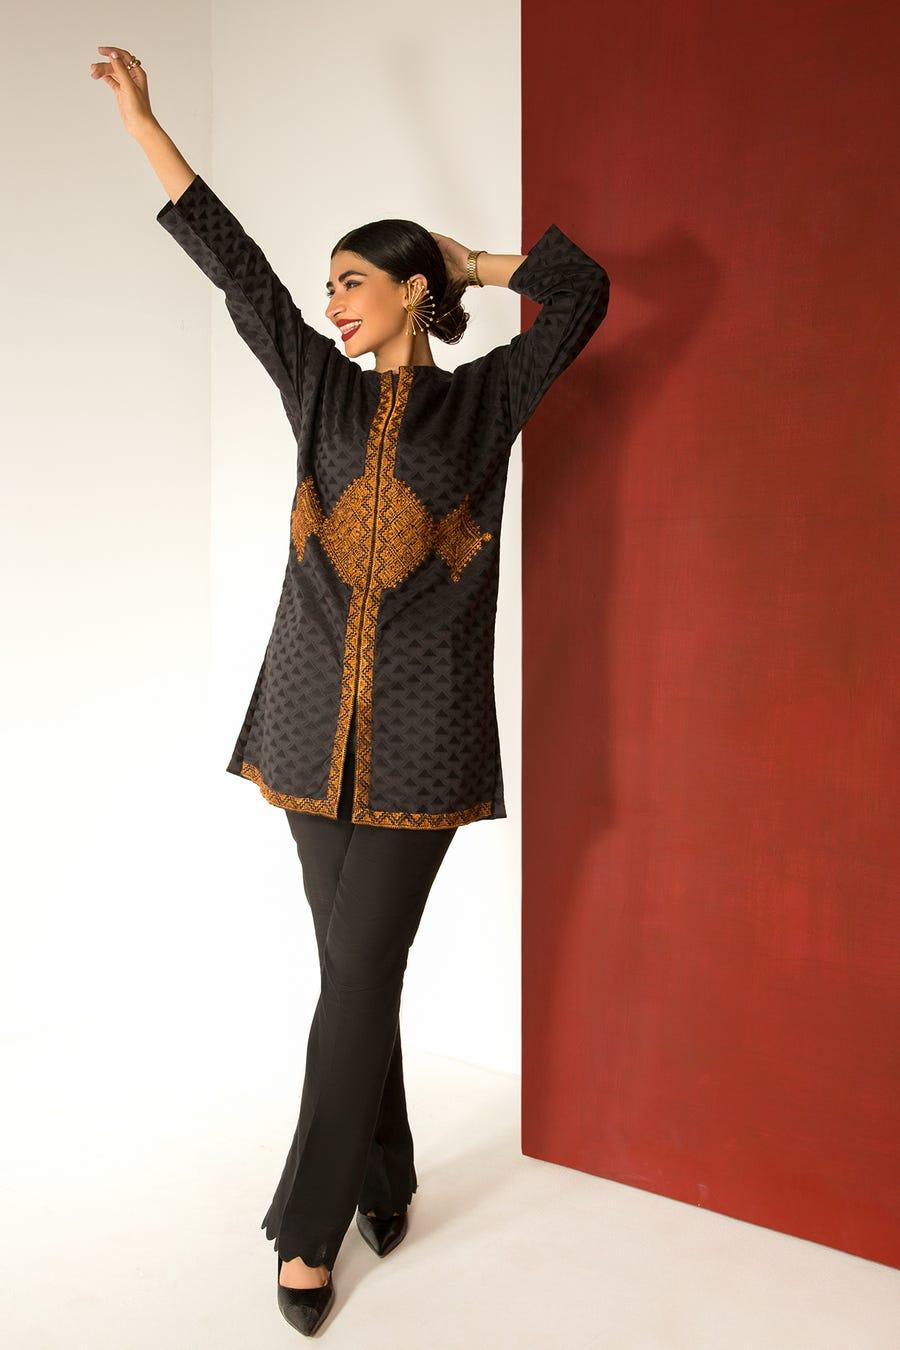 Khaadi Beautiful Winter Kurtas & Shirts